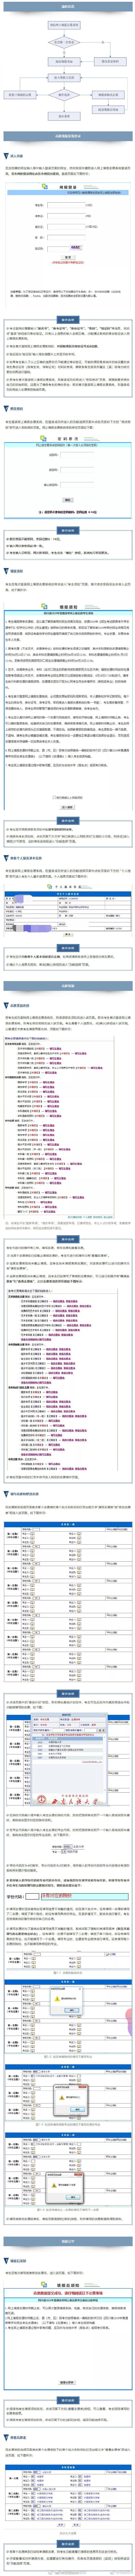 @ 四川高考生 志愿填报系统操作流程图文解析来了